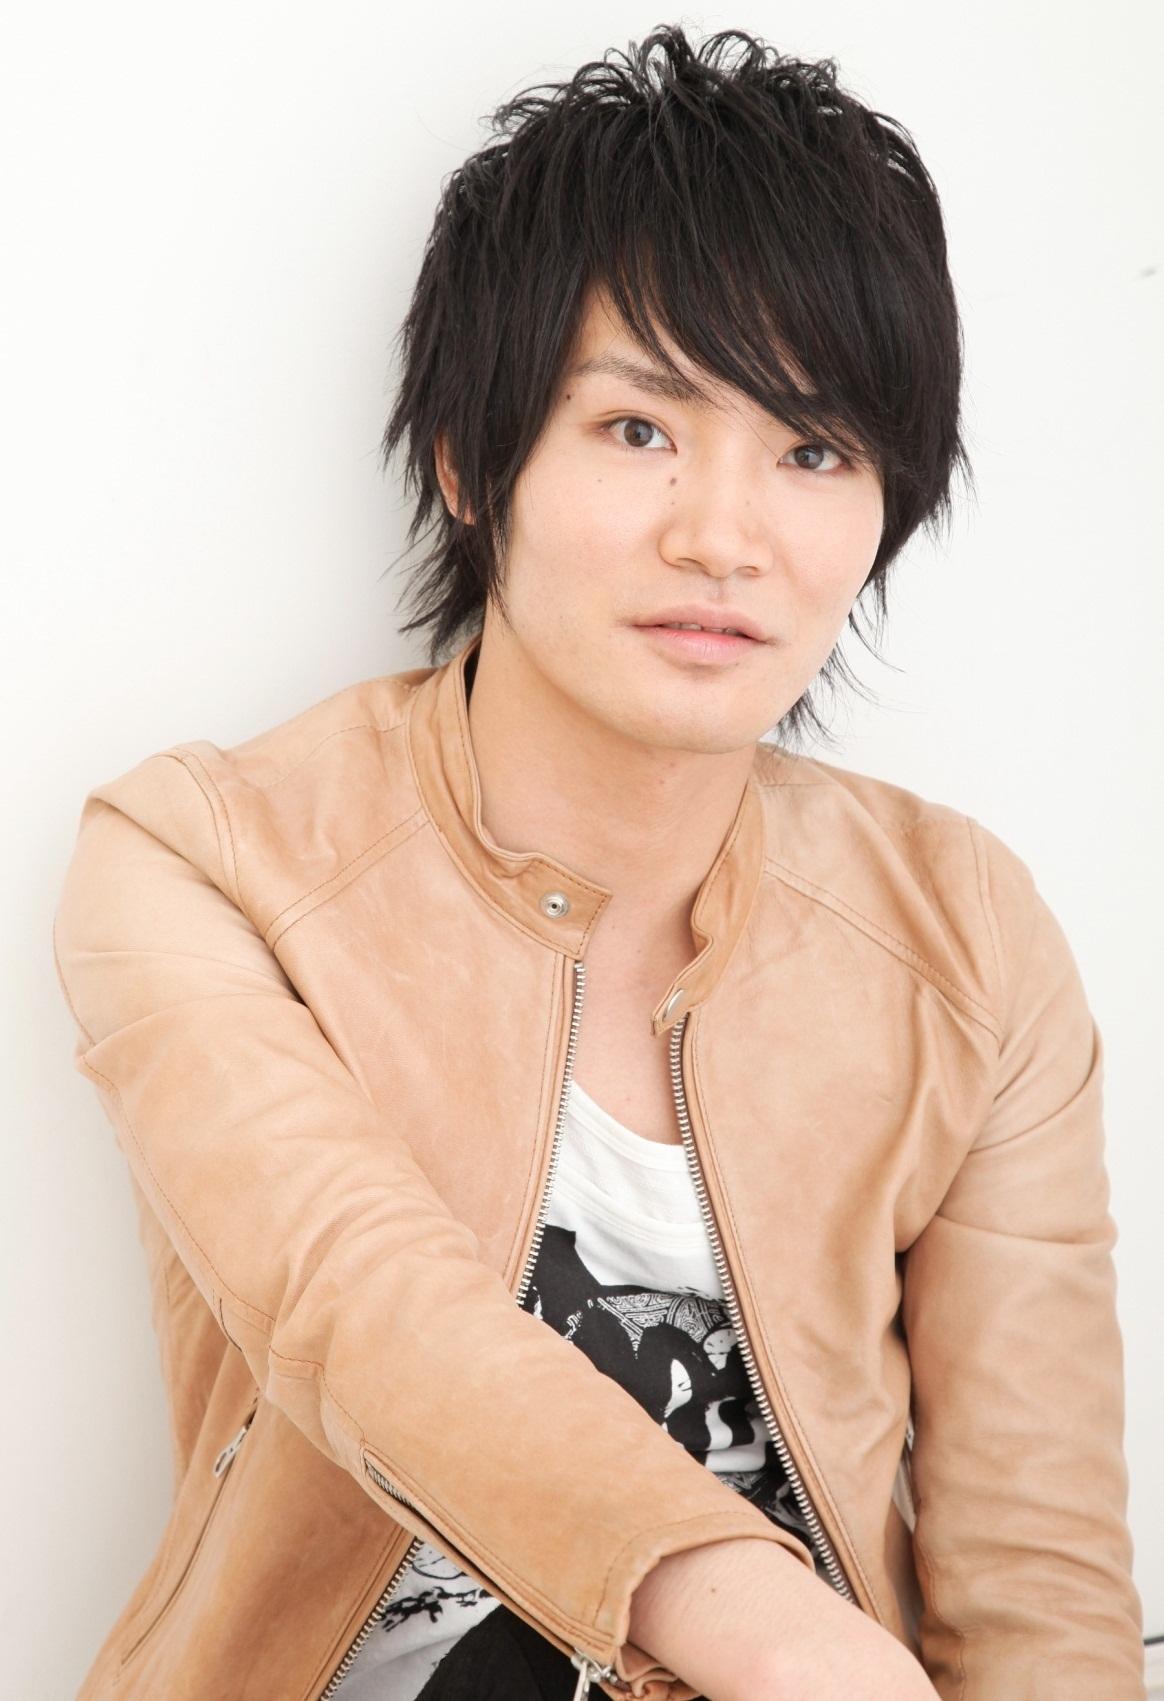 【歌はプロ級!】イケメン声優としても人気の高い細谷佳正さんの意外な素顔とは